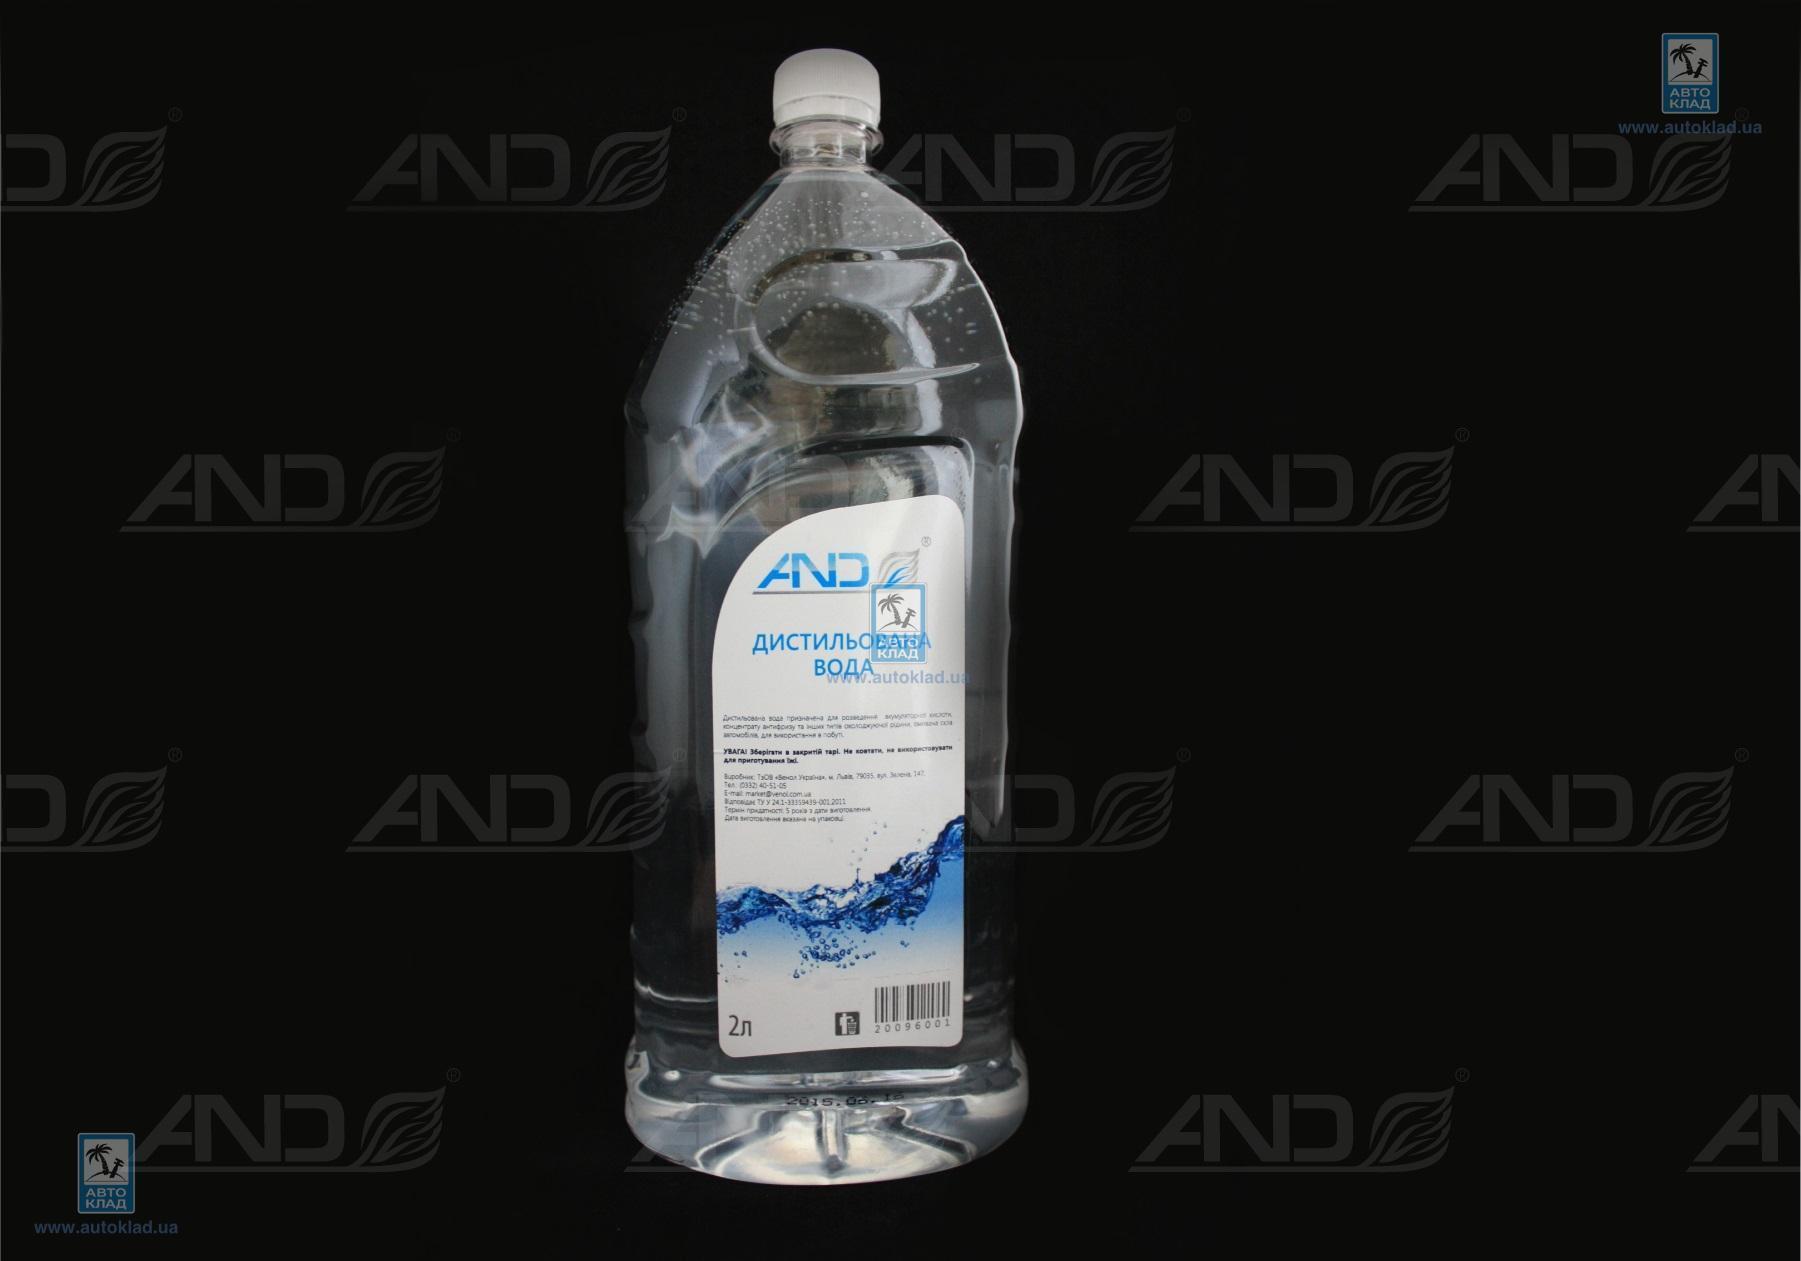 Вода дистиллированная 2л AND 20096001